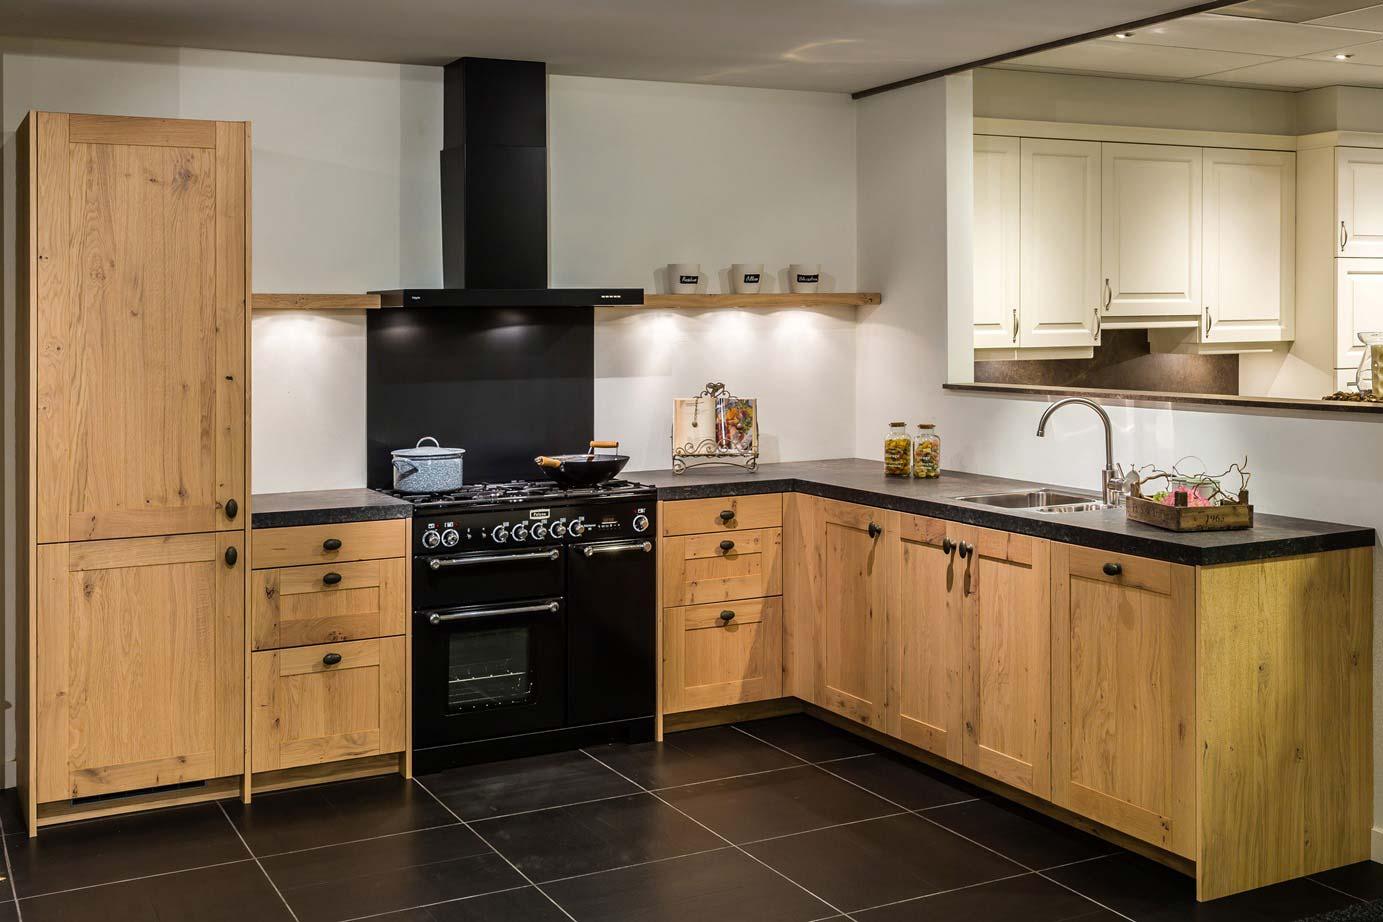 Keukens Van Massief Hout : Houten keuken Voor elk budget en stijl Ook met wit DB